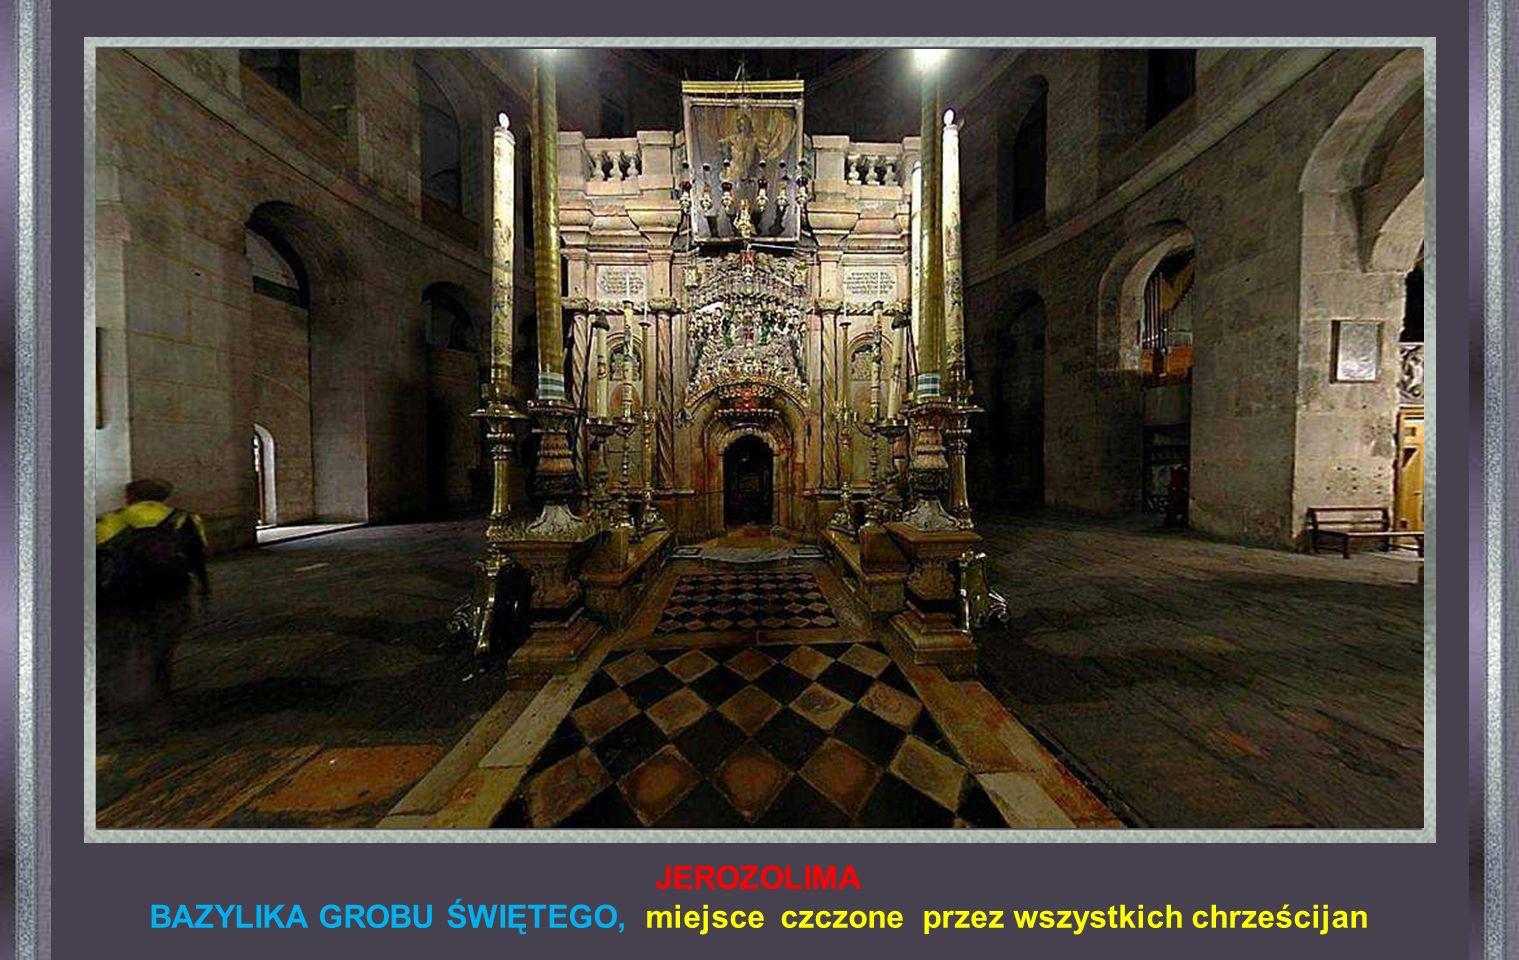 Kościół ZMARTWYCHWSTANIA PAŃSKIEGO W okresie Związku Radzieckiego poniósł znaczne szkody. Po rewolucji październikowej był używany jako magazyn.. Aby